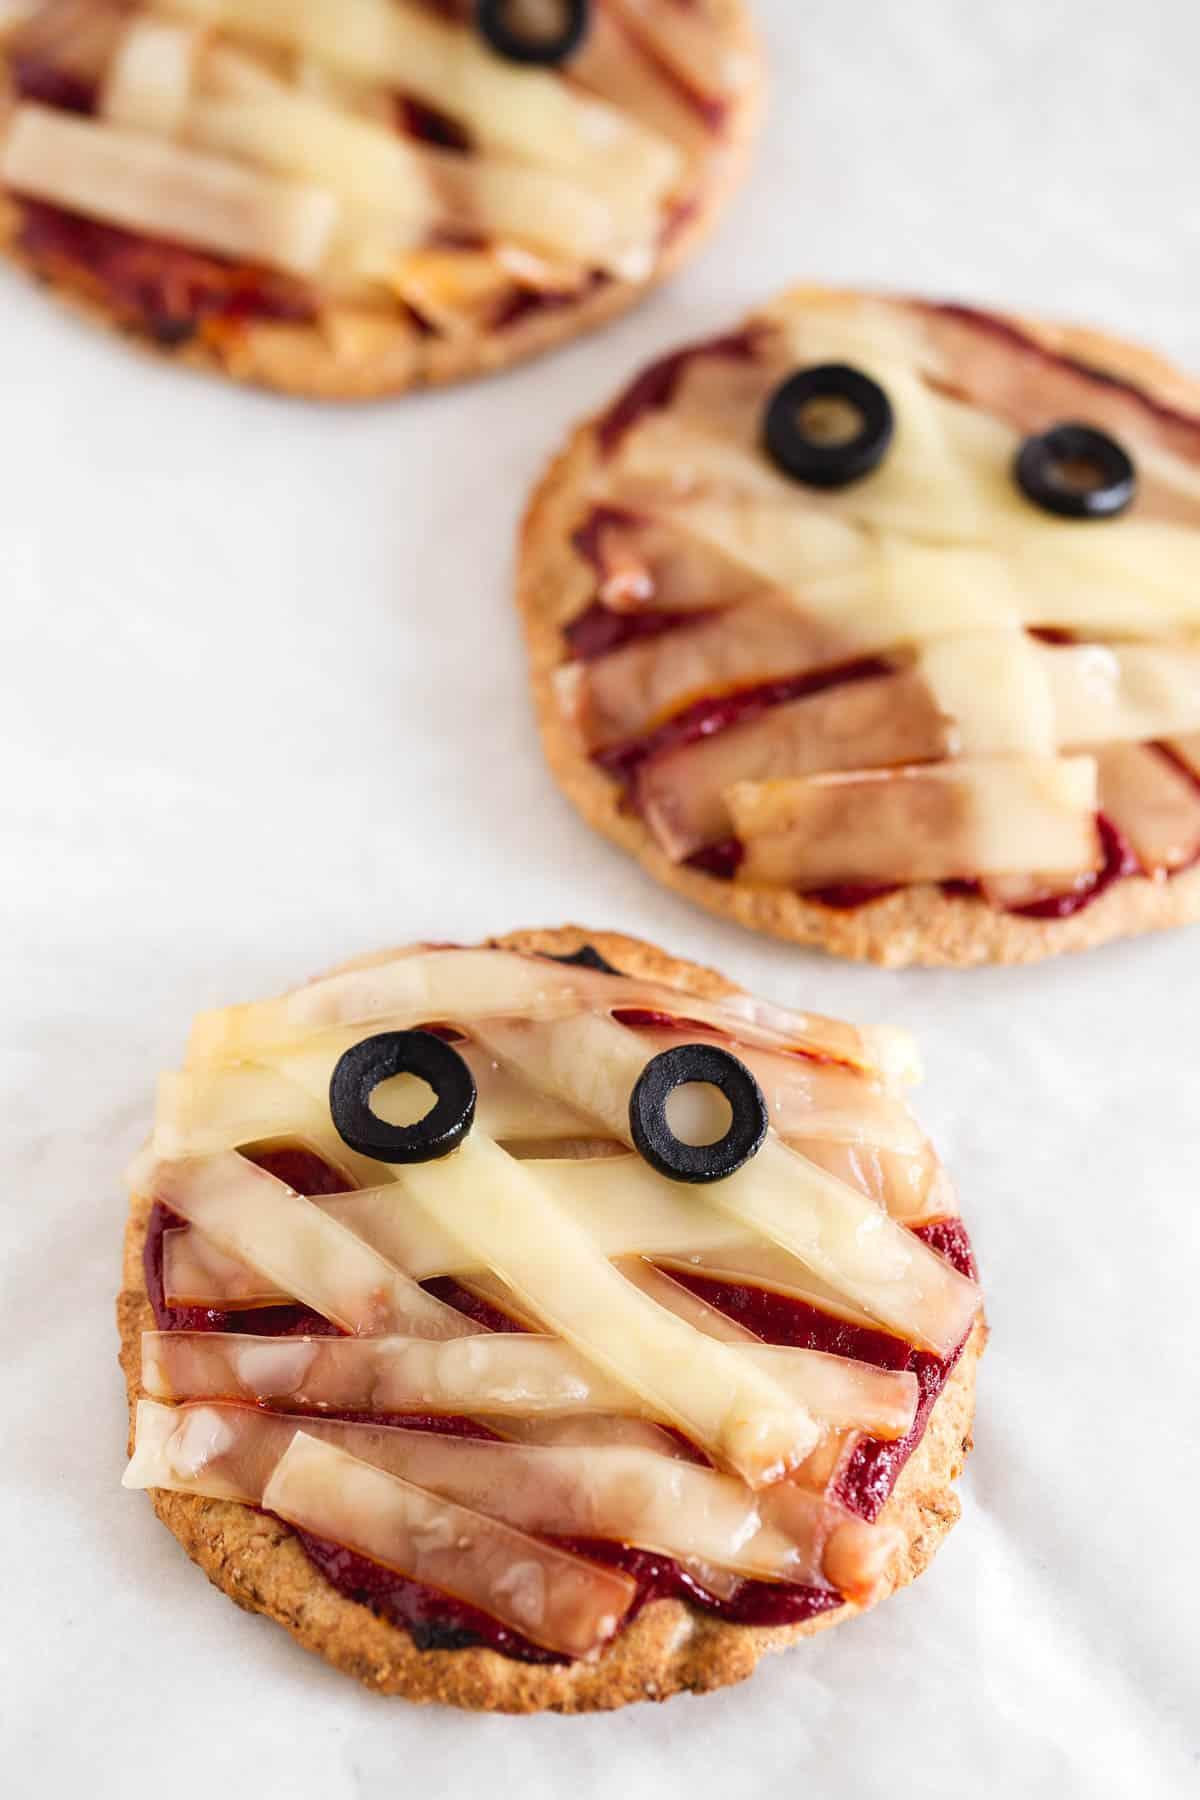 Receta de Halloween: Mini Pizzas Veganas de Momia - Estas mini pizzas veganas de momia son muy fáciles de preparar. Hemos hemos masa casera con harina de espelta, es una alternativa saludable muy rica.